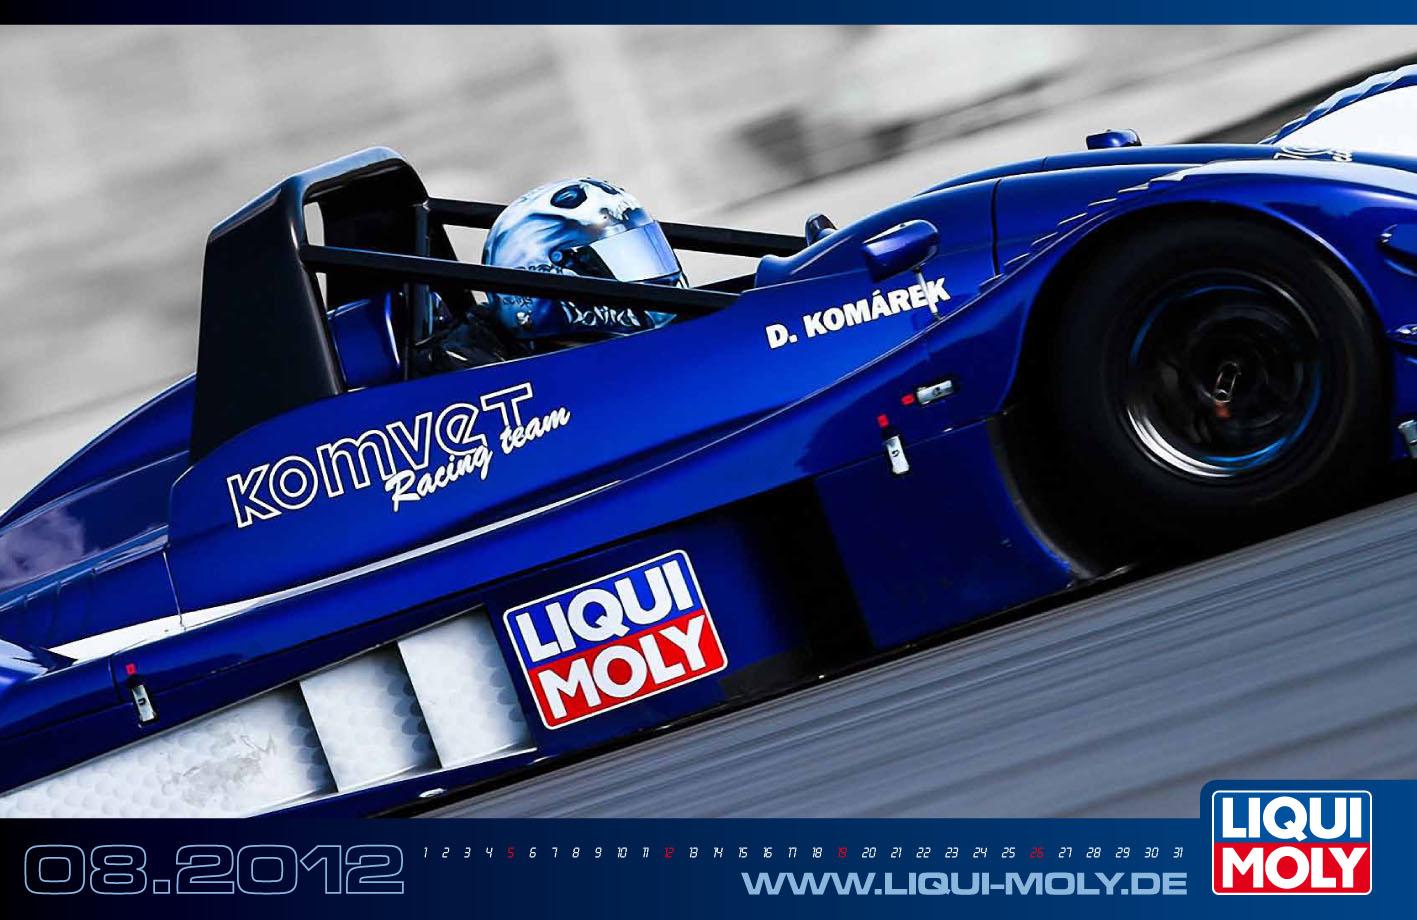 motorsport calendar 2012 liqui moly. Black Bedroom Furniture Sets. Home Design Ideas